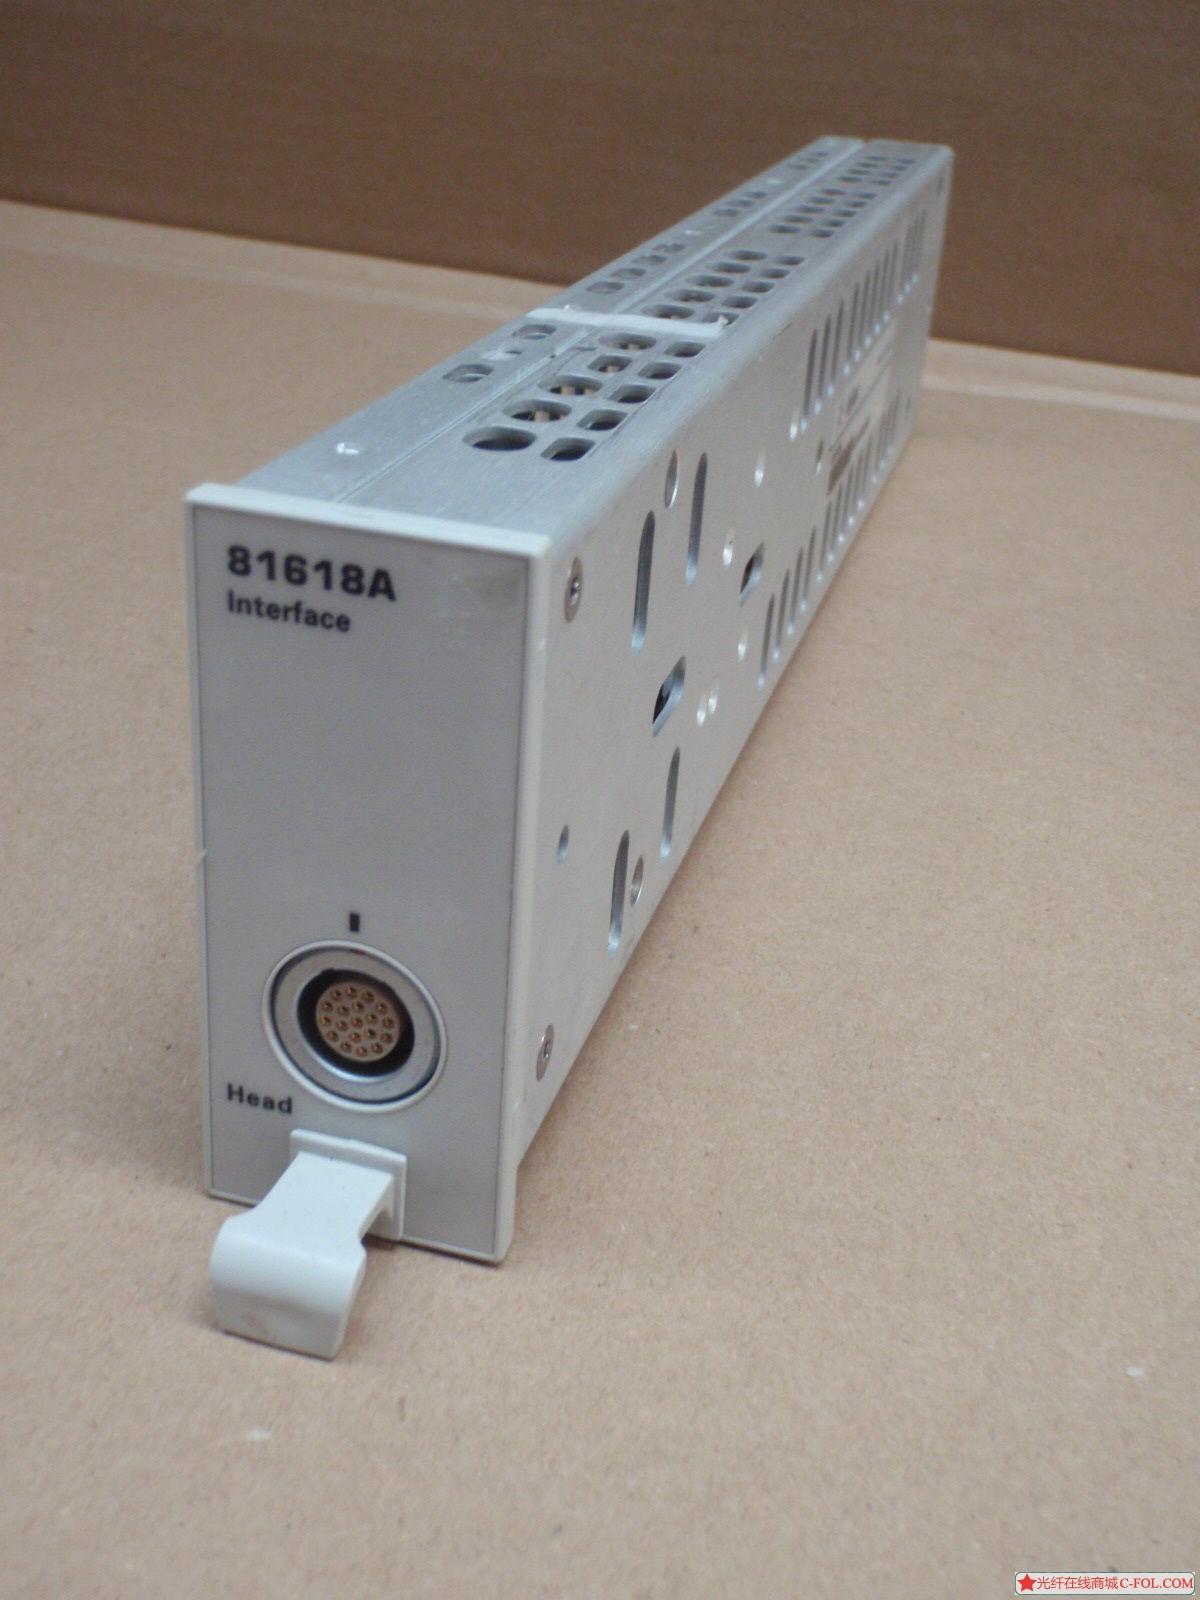 安捷伦 81618A 接口模块